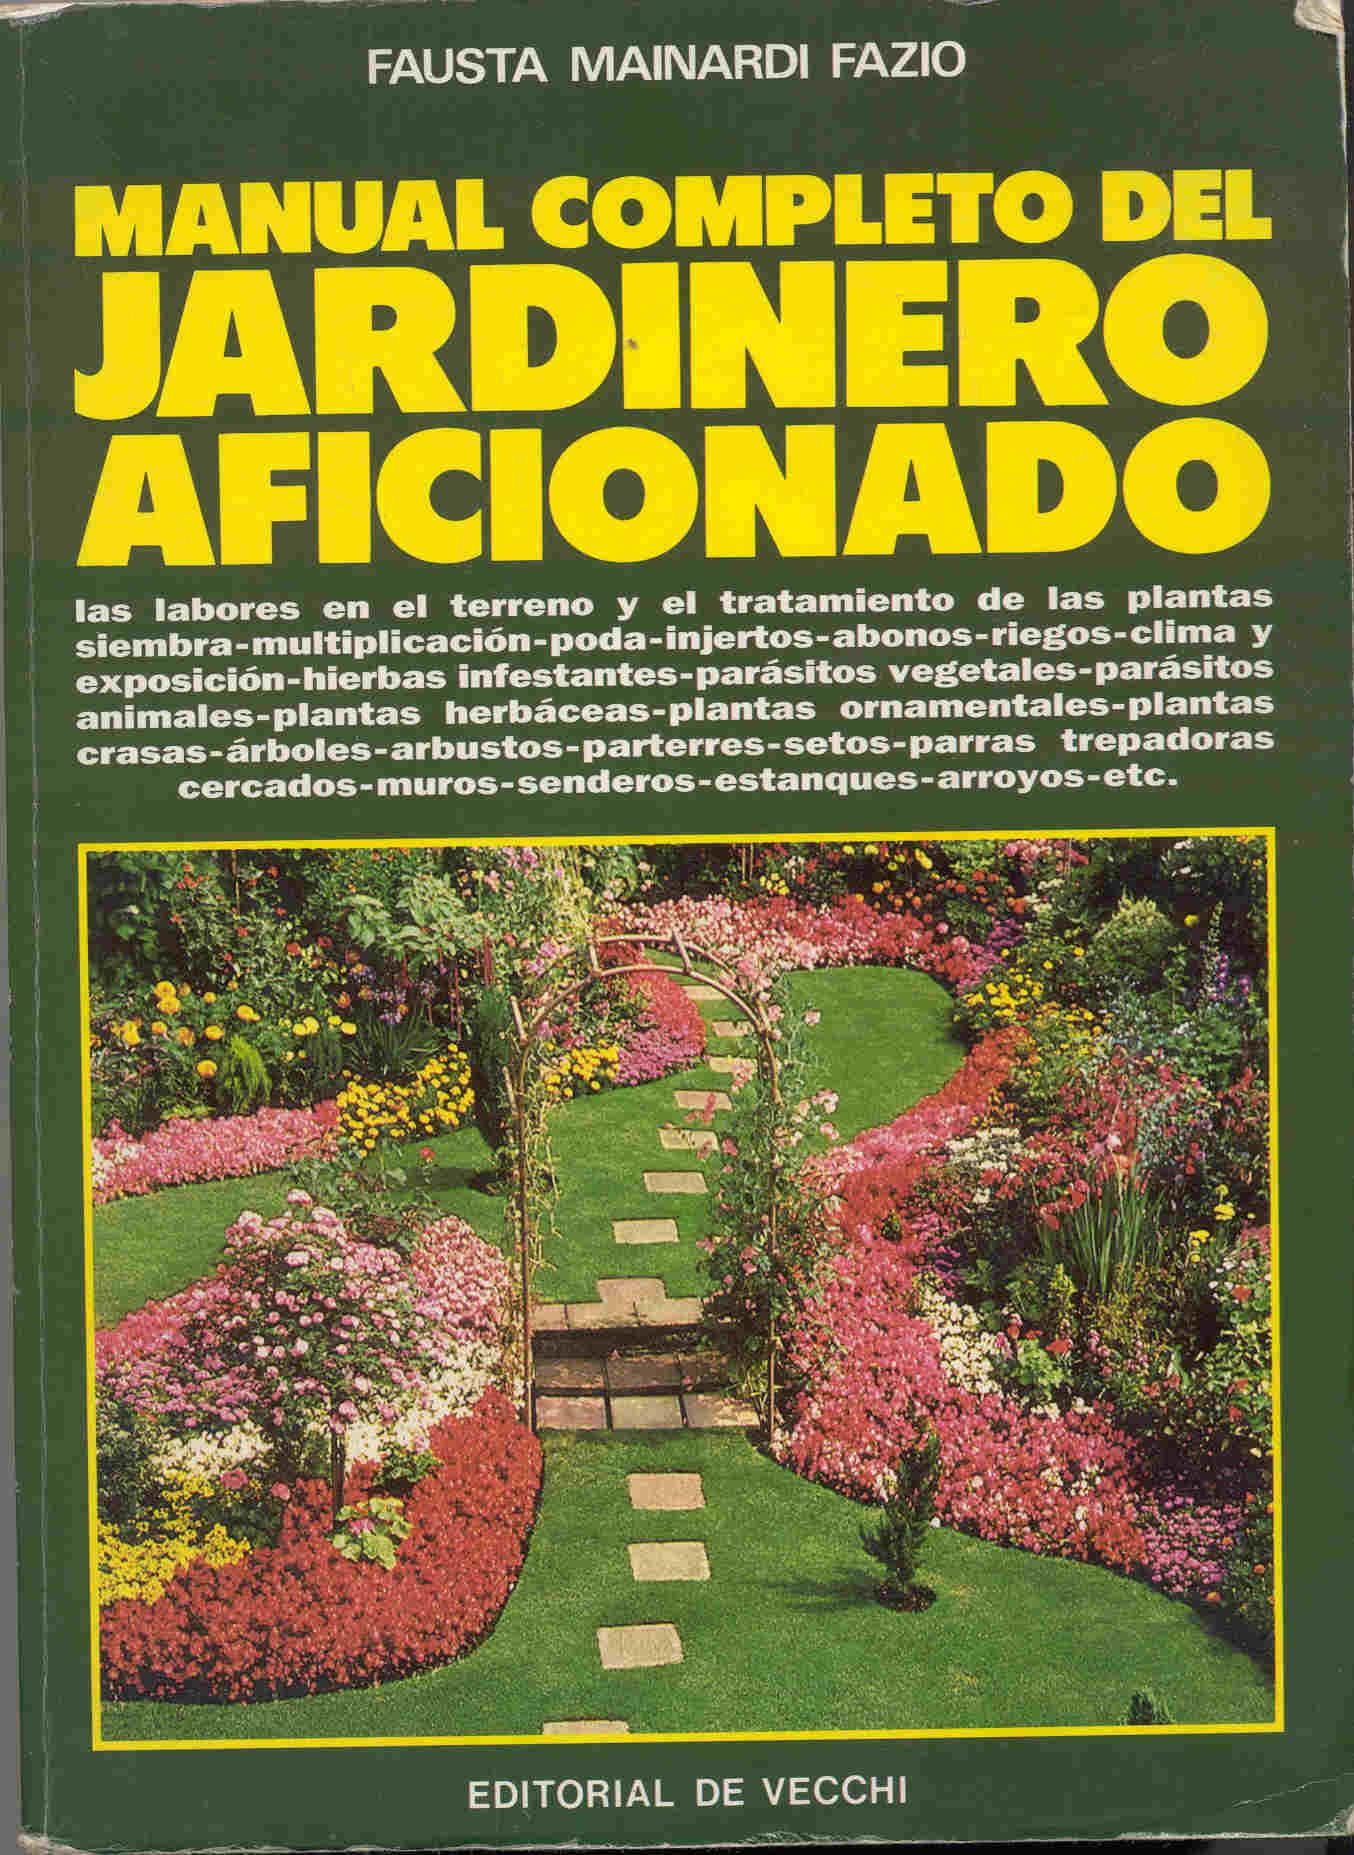 Manual completo del jardinero aficionado